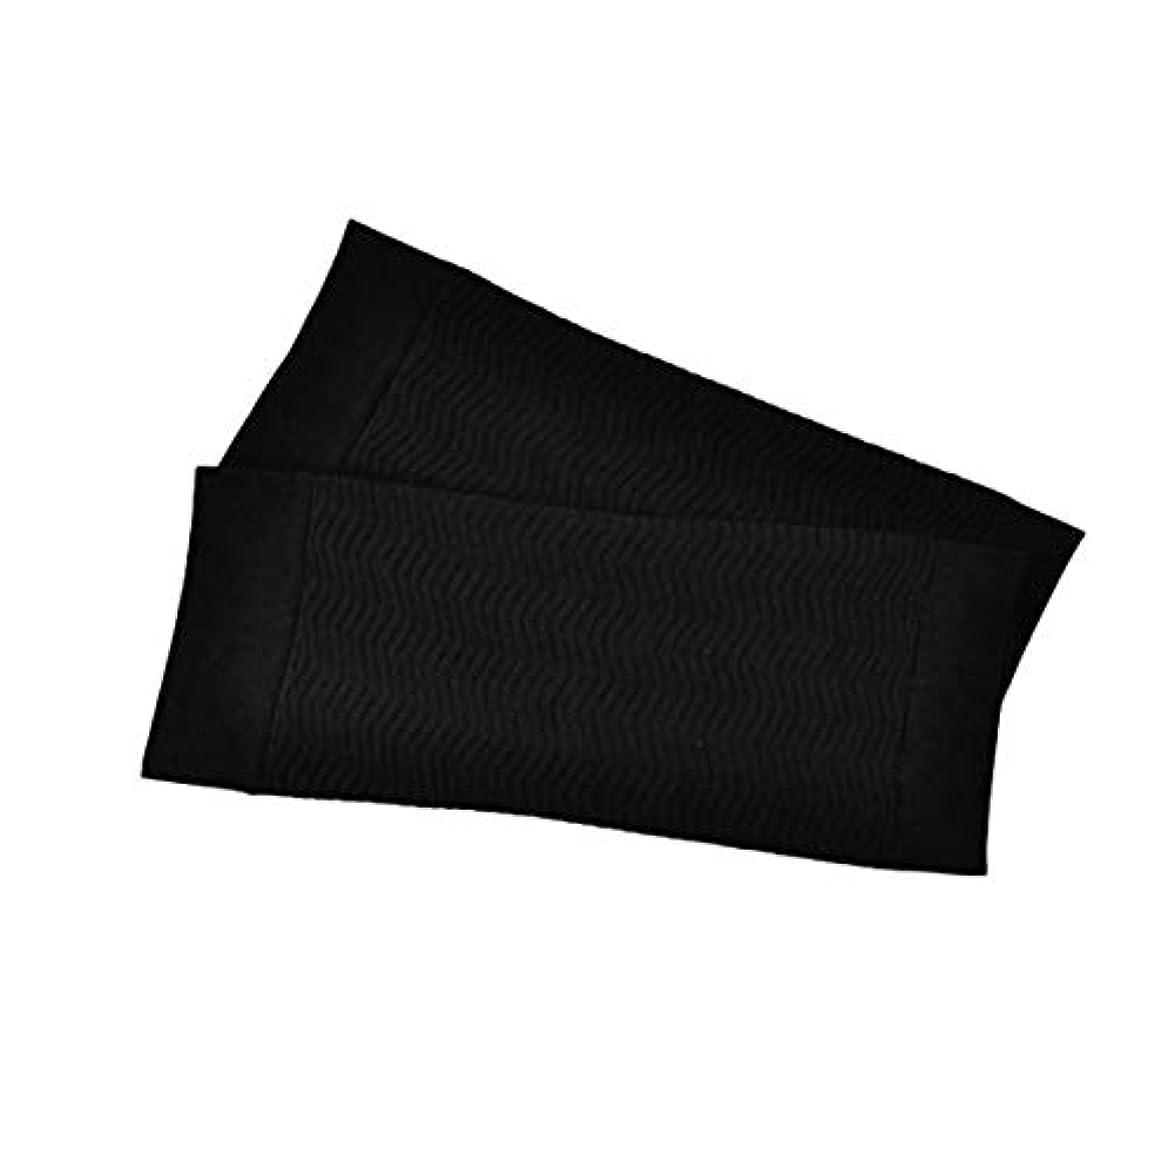 未接続力強いモバイル1ペア680 D圧縮アームシェイパーワークアウトトーニングバーンセルライトスリミングアームスリーブ脂肪燃焼半袖用女性 - ブラック